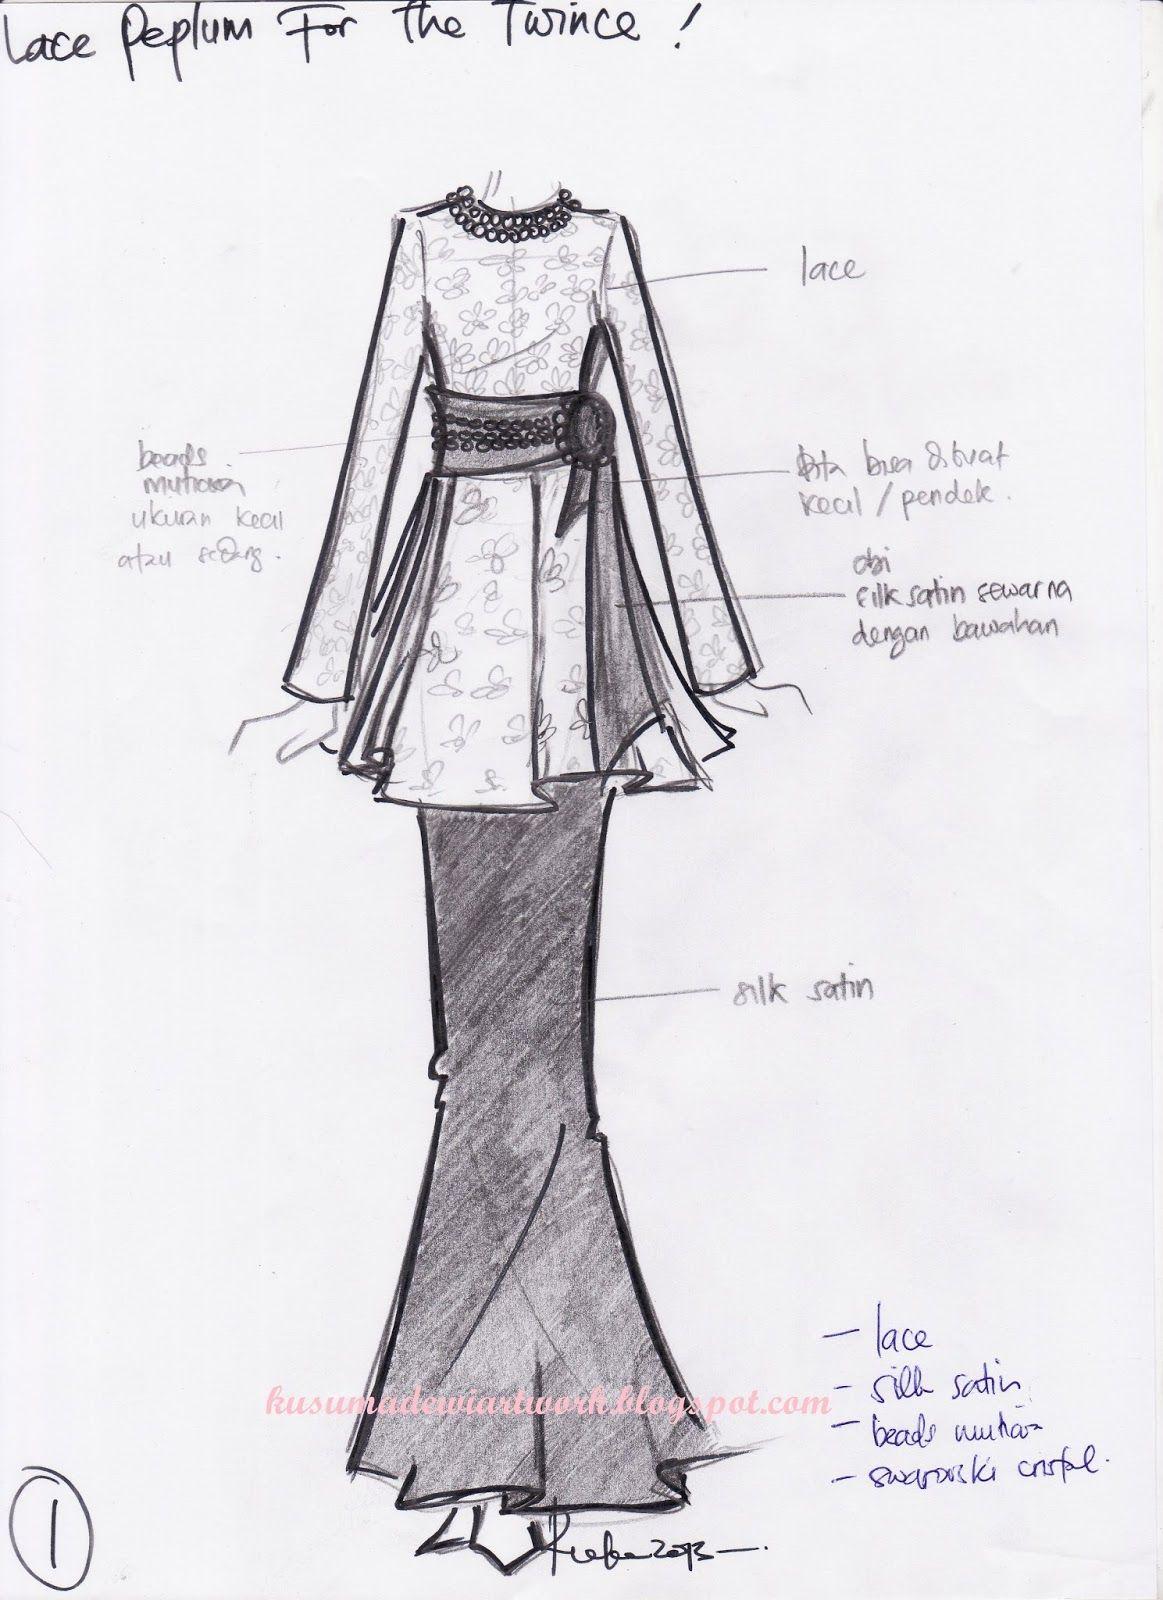 44 Cara Membuat Desain Baju Batik di 2020 Desain, Sketsa